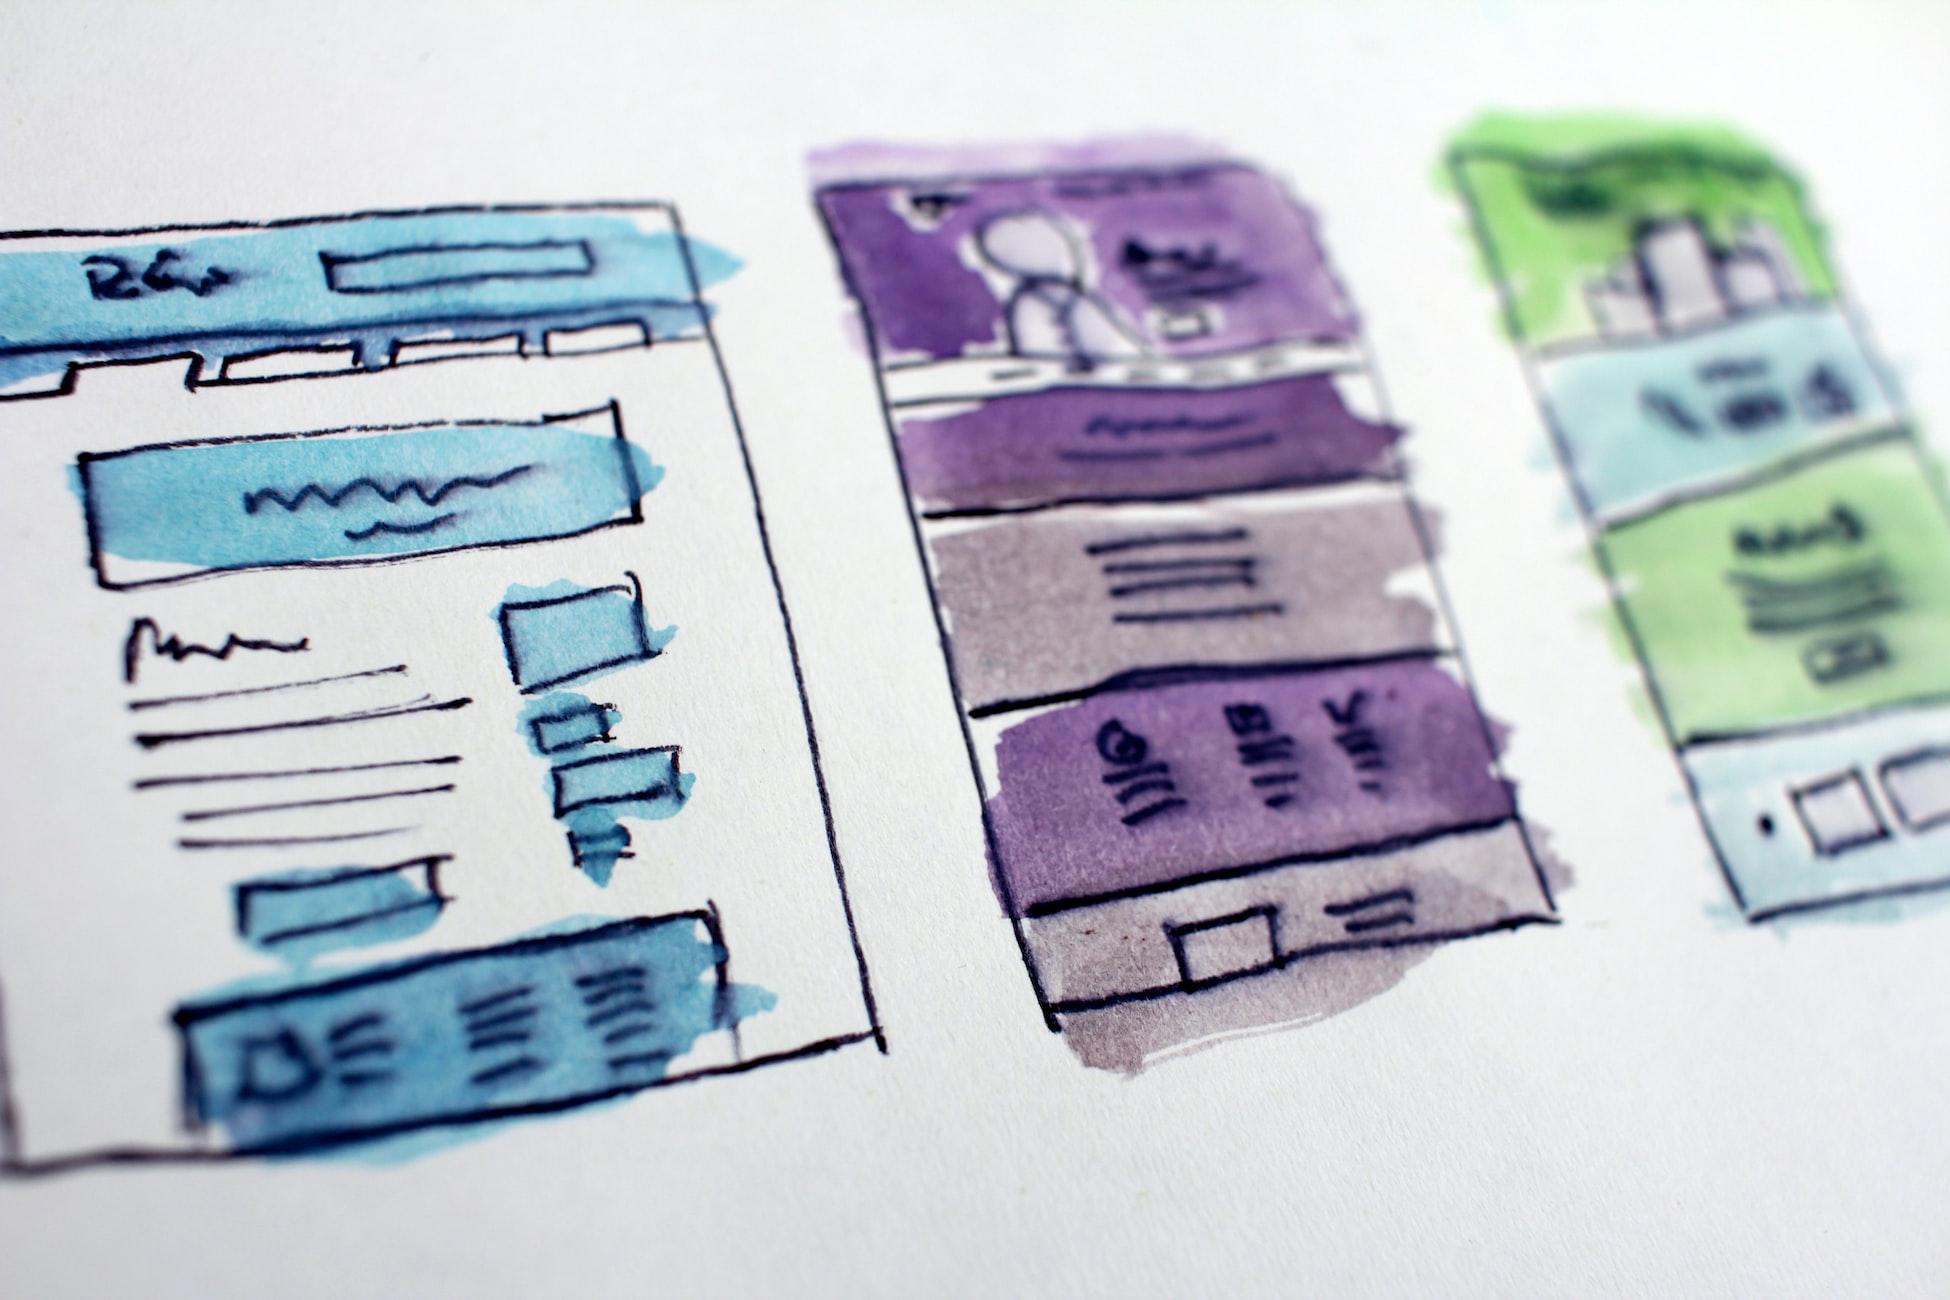 切版閃電五連邊-從W3schools學習layout設計